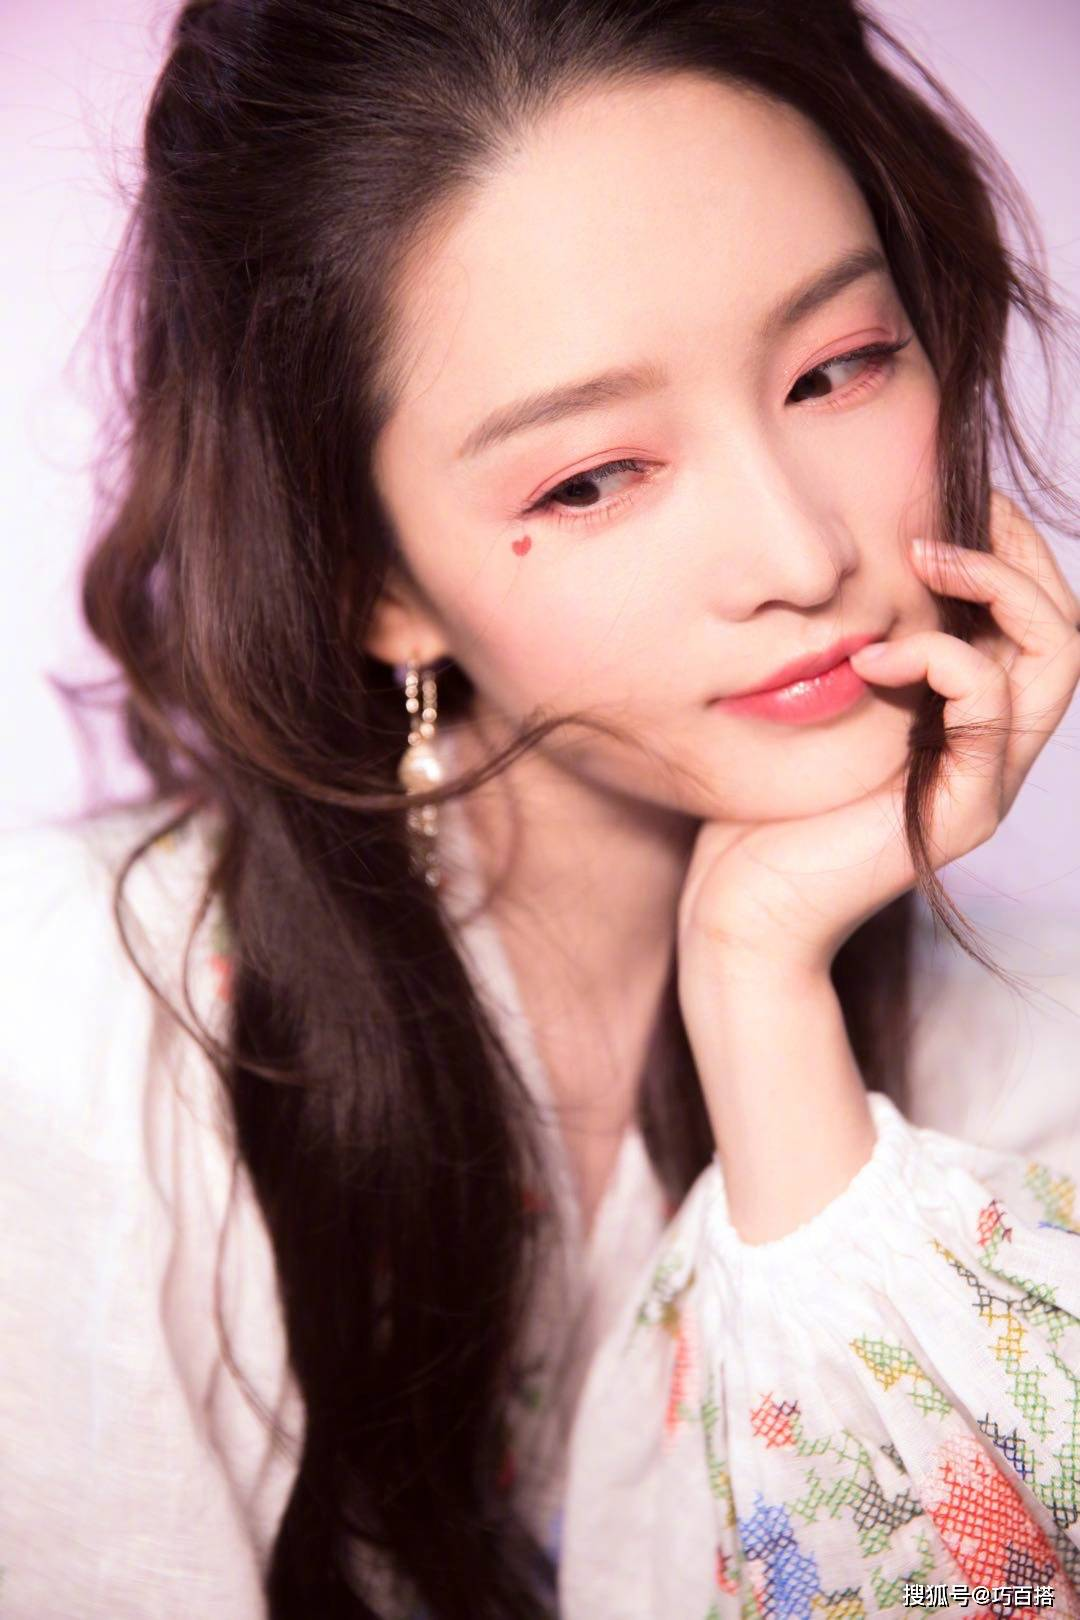 30岁的李沁时尚品味不俗!七夕桃花妆粉面含春,简直撩人于无形